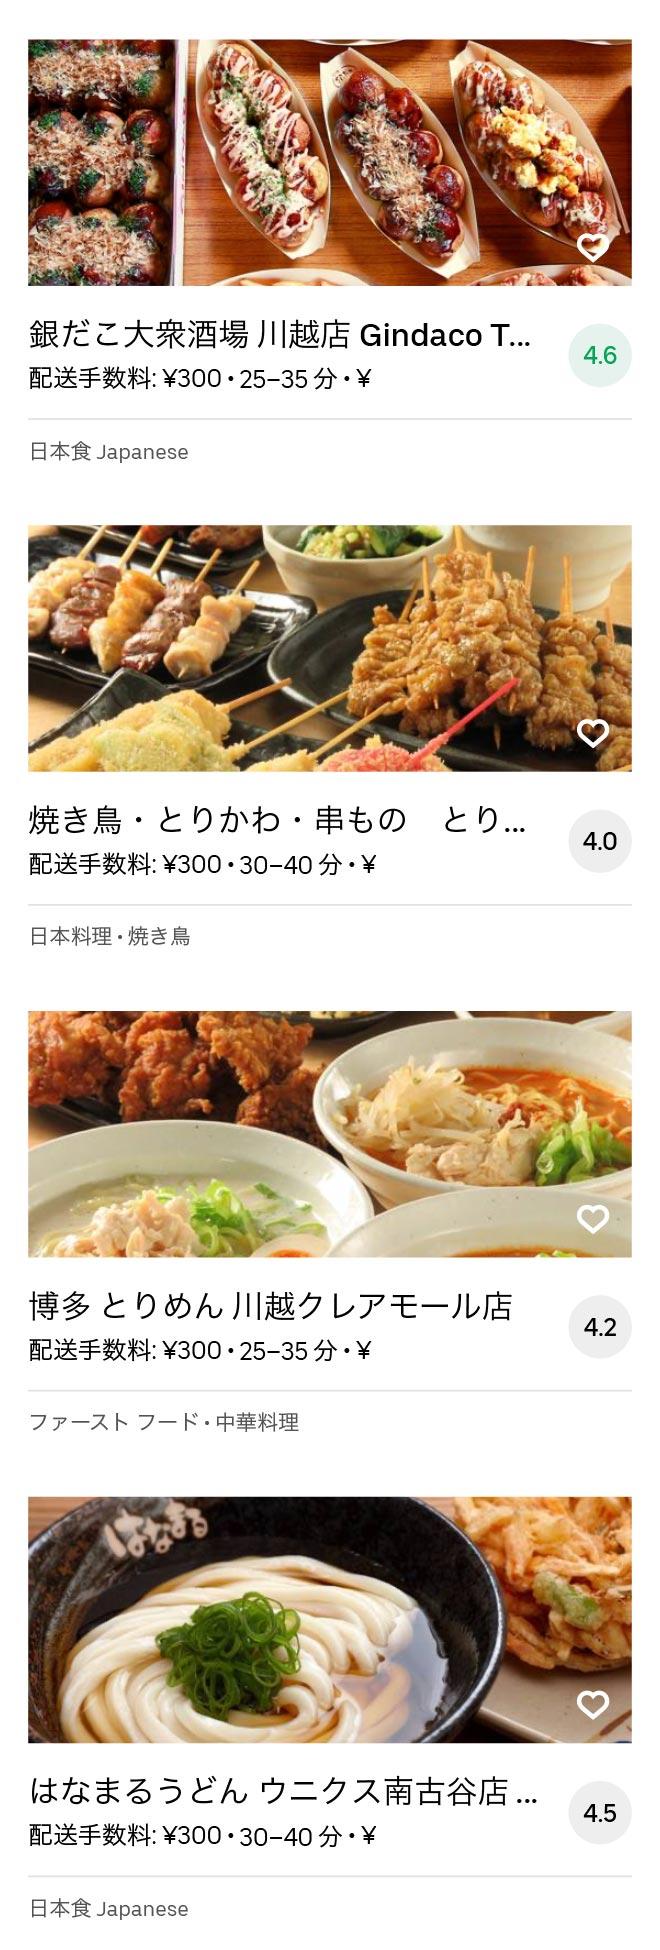 Shingashi menu 2008 10